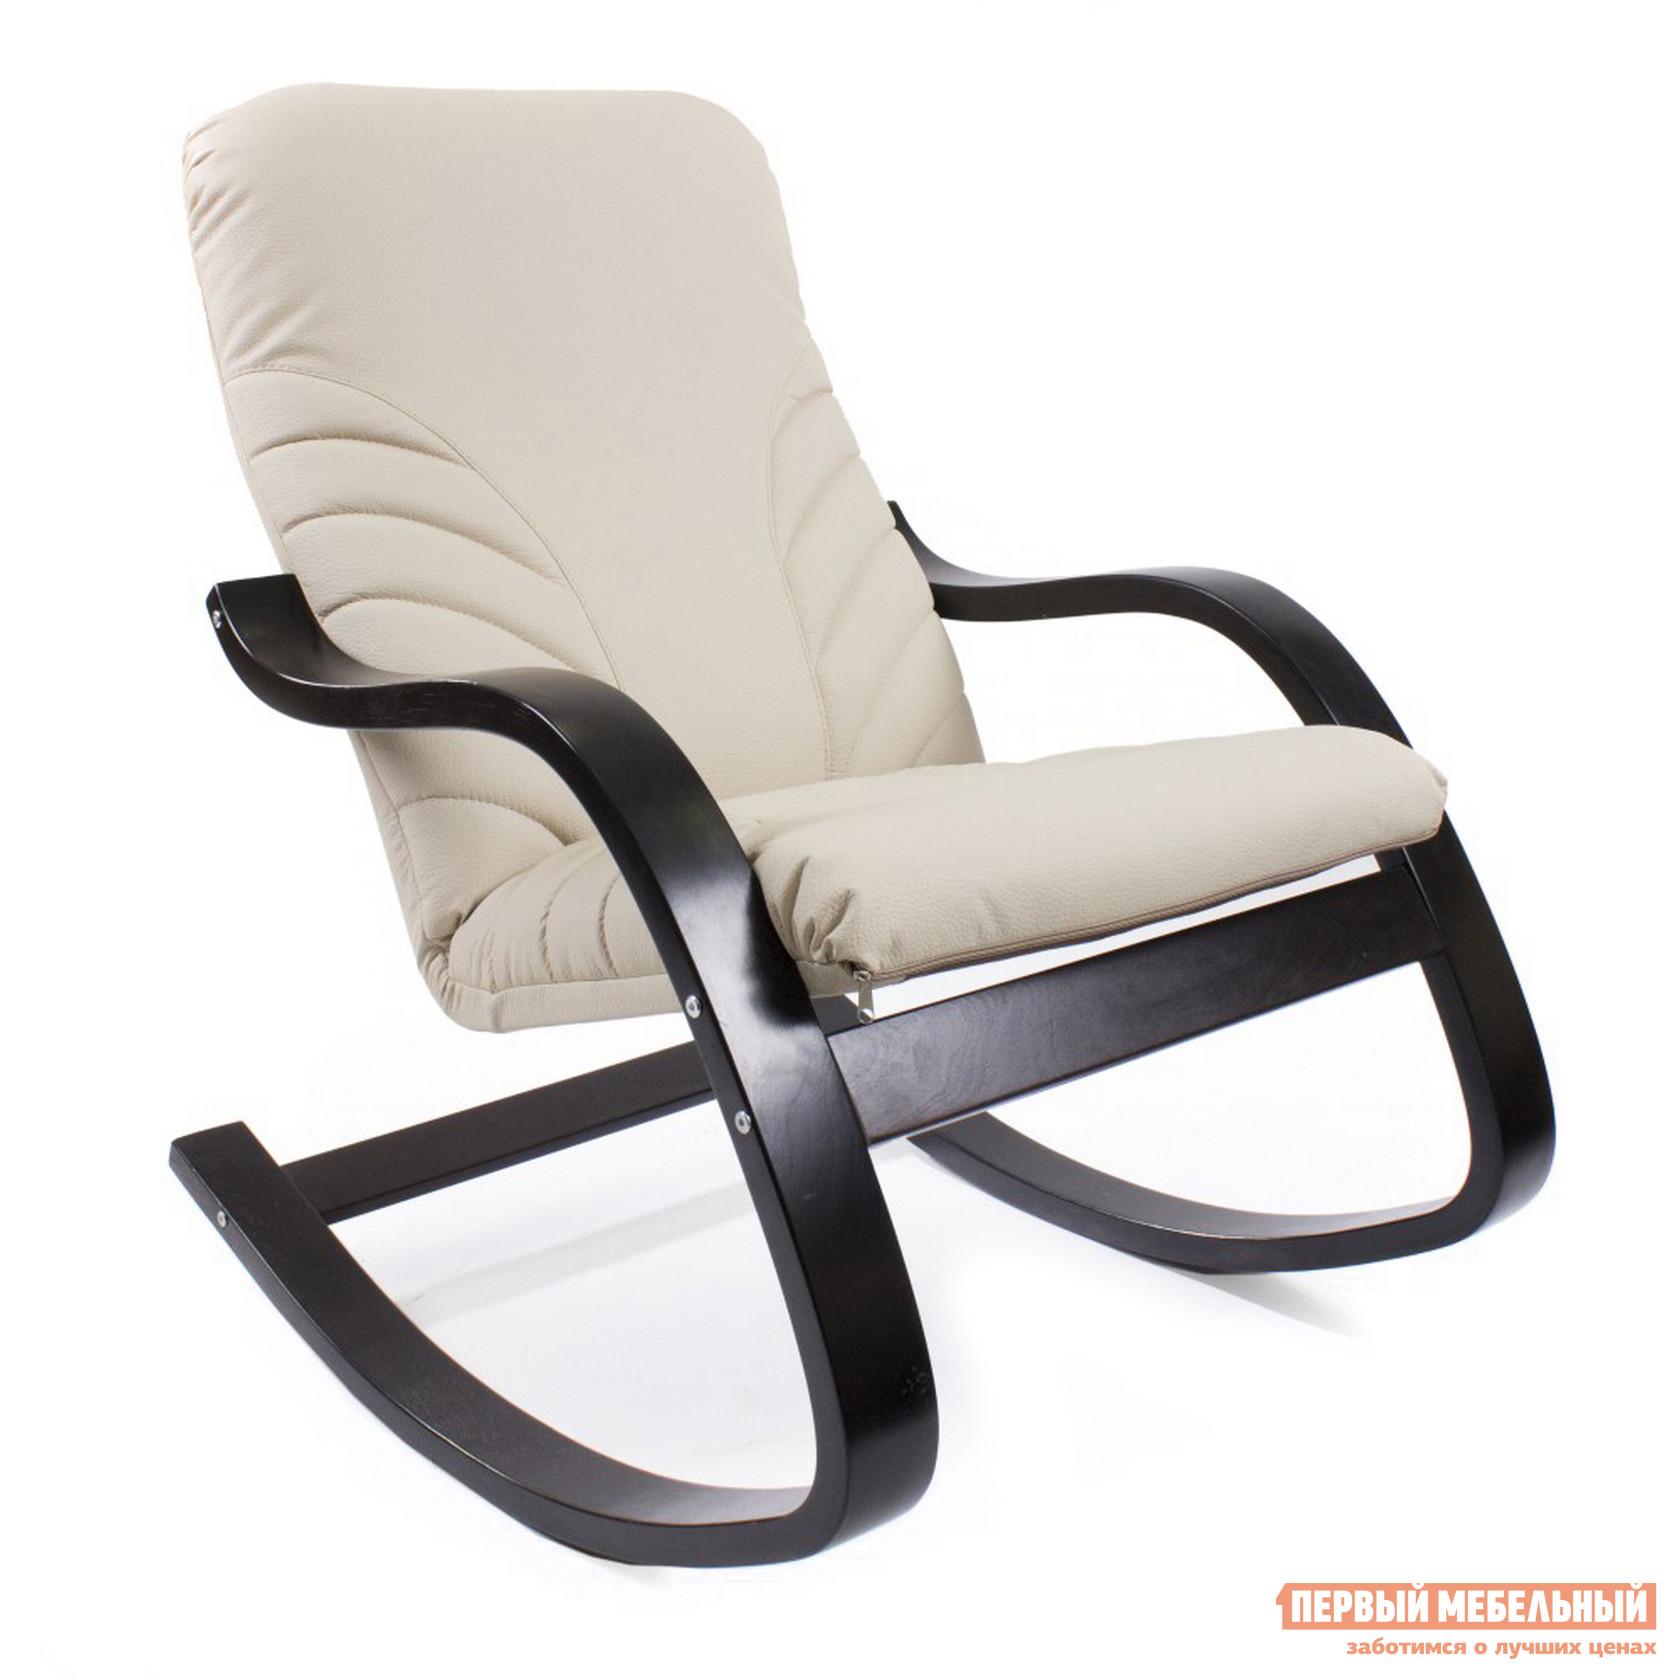 Кресло-качалка Грин Три Кресло качалка ЭЙР Венге, Экокожа Крем